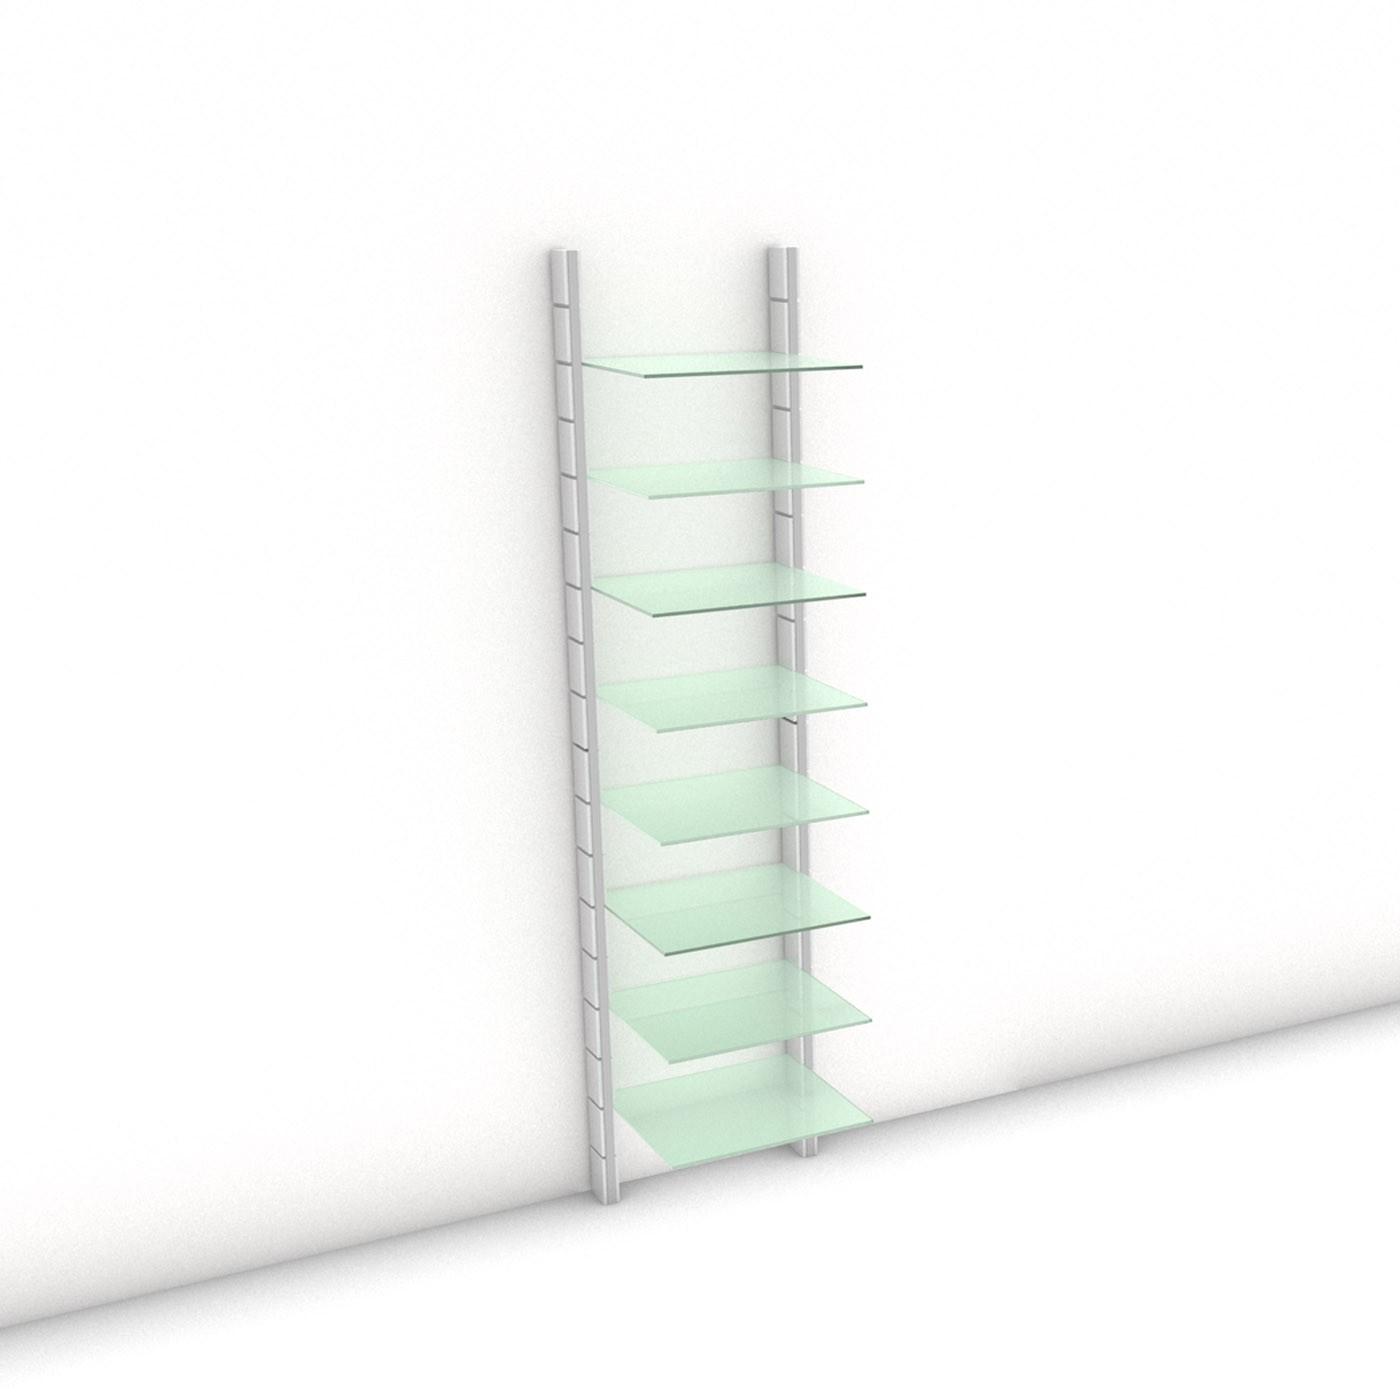 Begehbarer kleiderschrank maße  Begehbarer Kleiderschrank - Comfort (XL) 54 - Maß: 54 x 215,2 x 45 ...